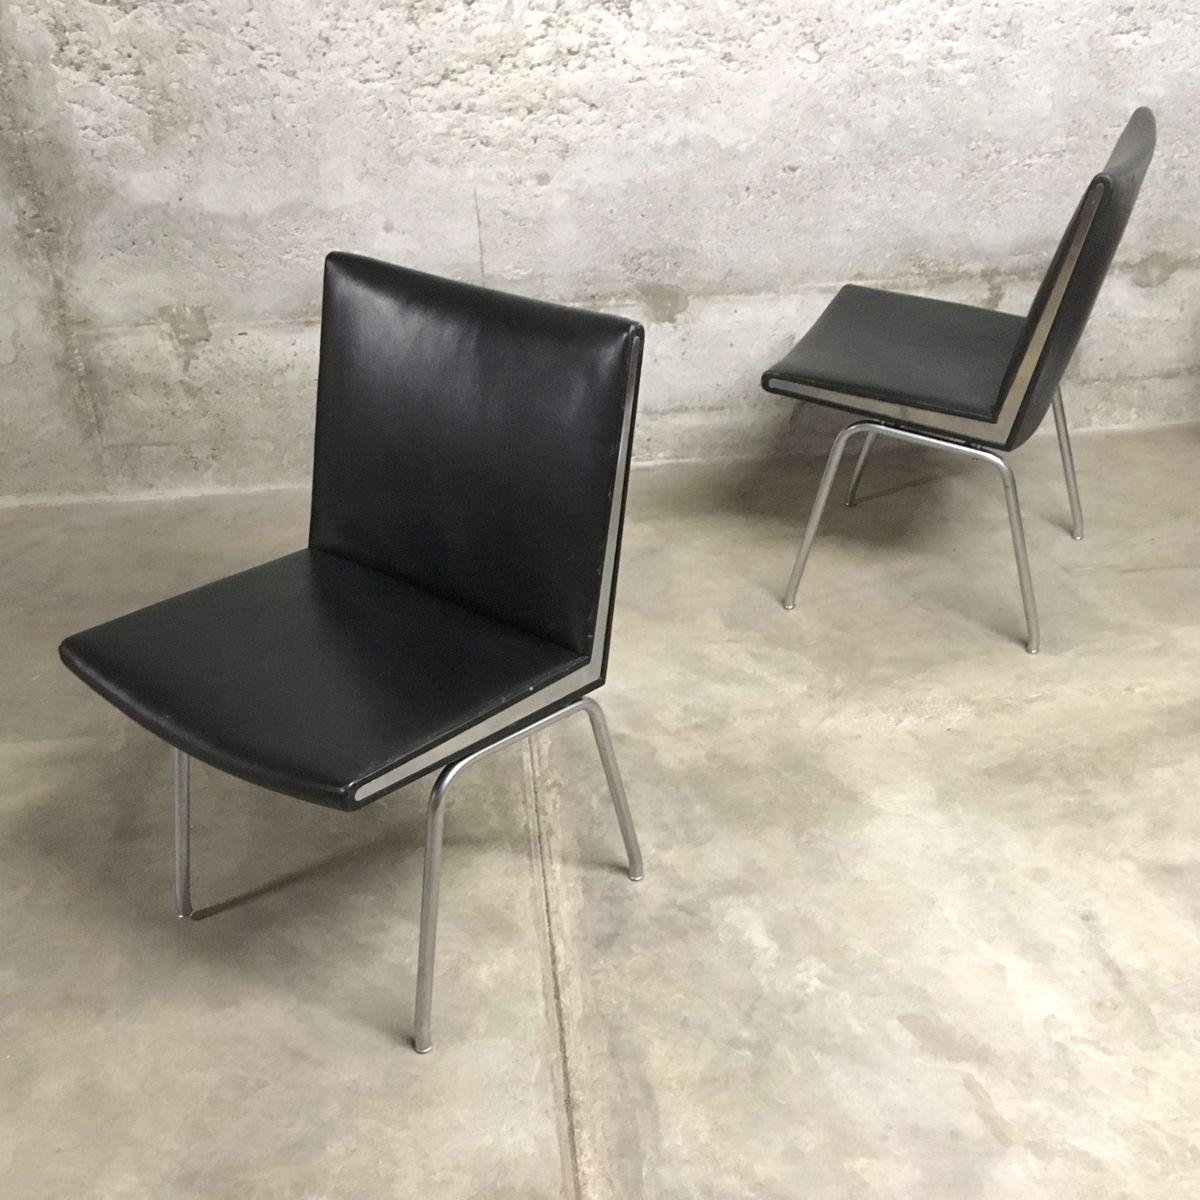 d nischer ap 40 stuhl von hans j wegner f r a p stolen 1950er bei pamono kaufen. Black Bedroom Furniture Sets. Home Design Ideas